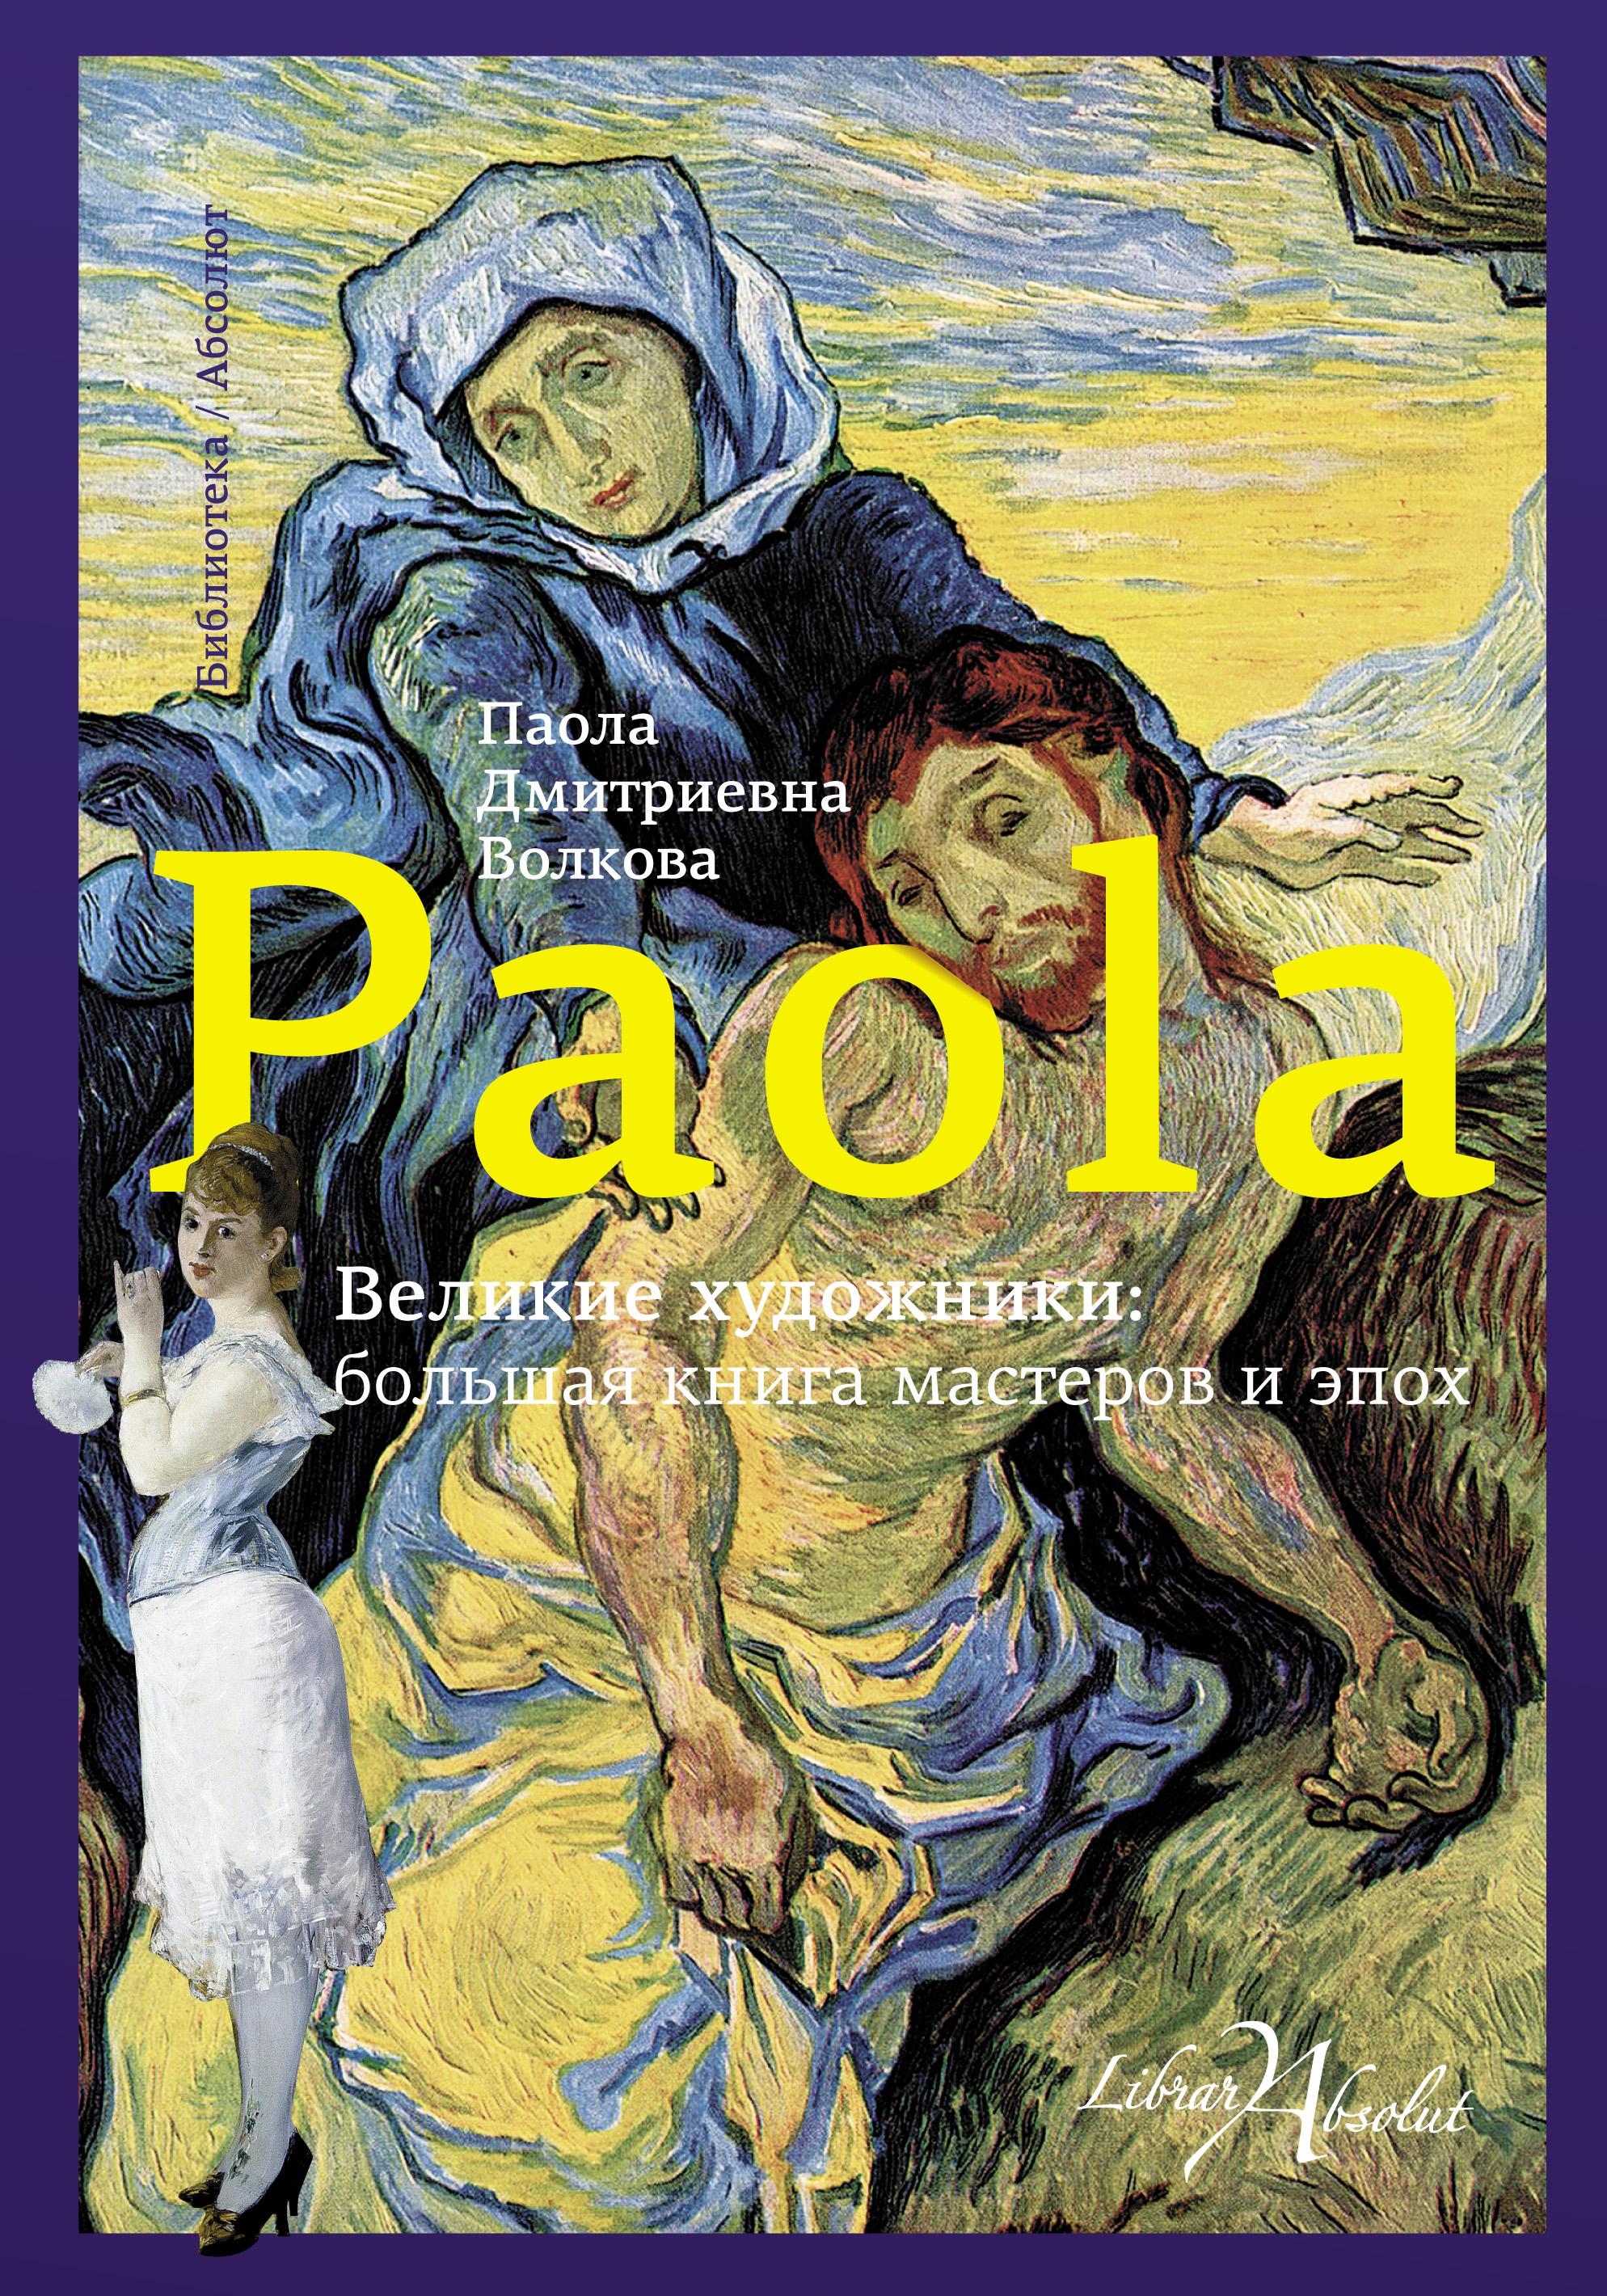 Волкова Паола Дмитриевна Великие художники. Большая книга мастеров и эпох